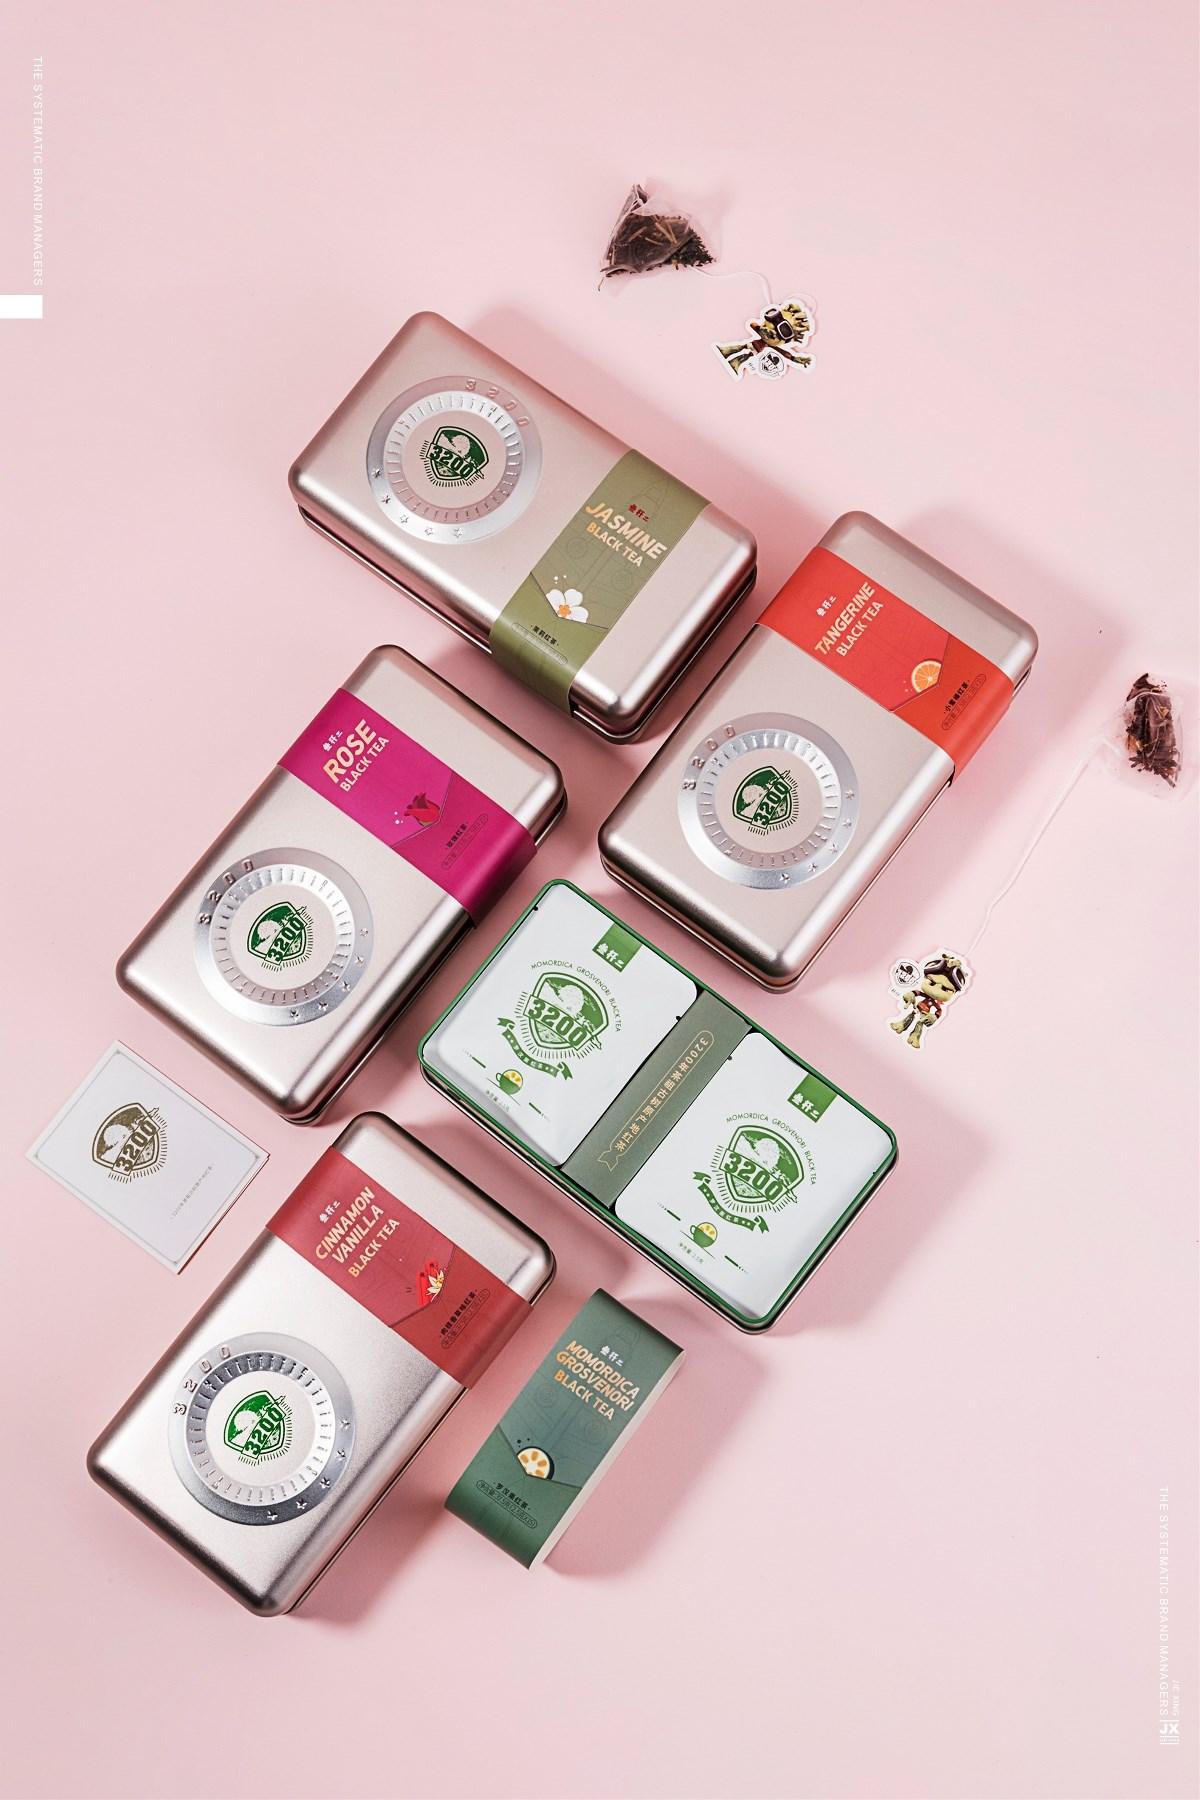 皆行新式茶饮包装设计×叁杄二